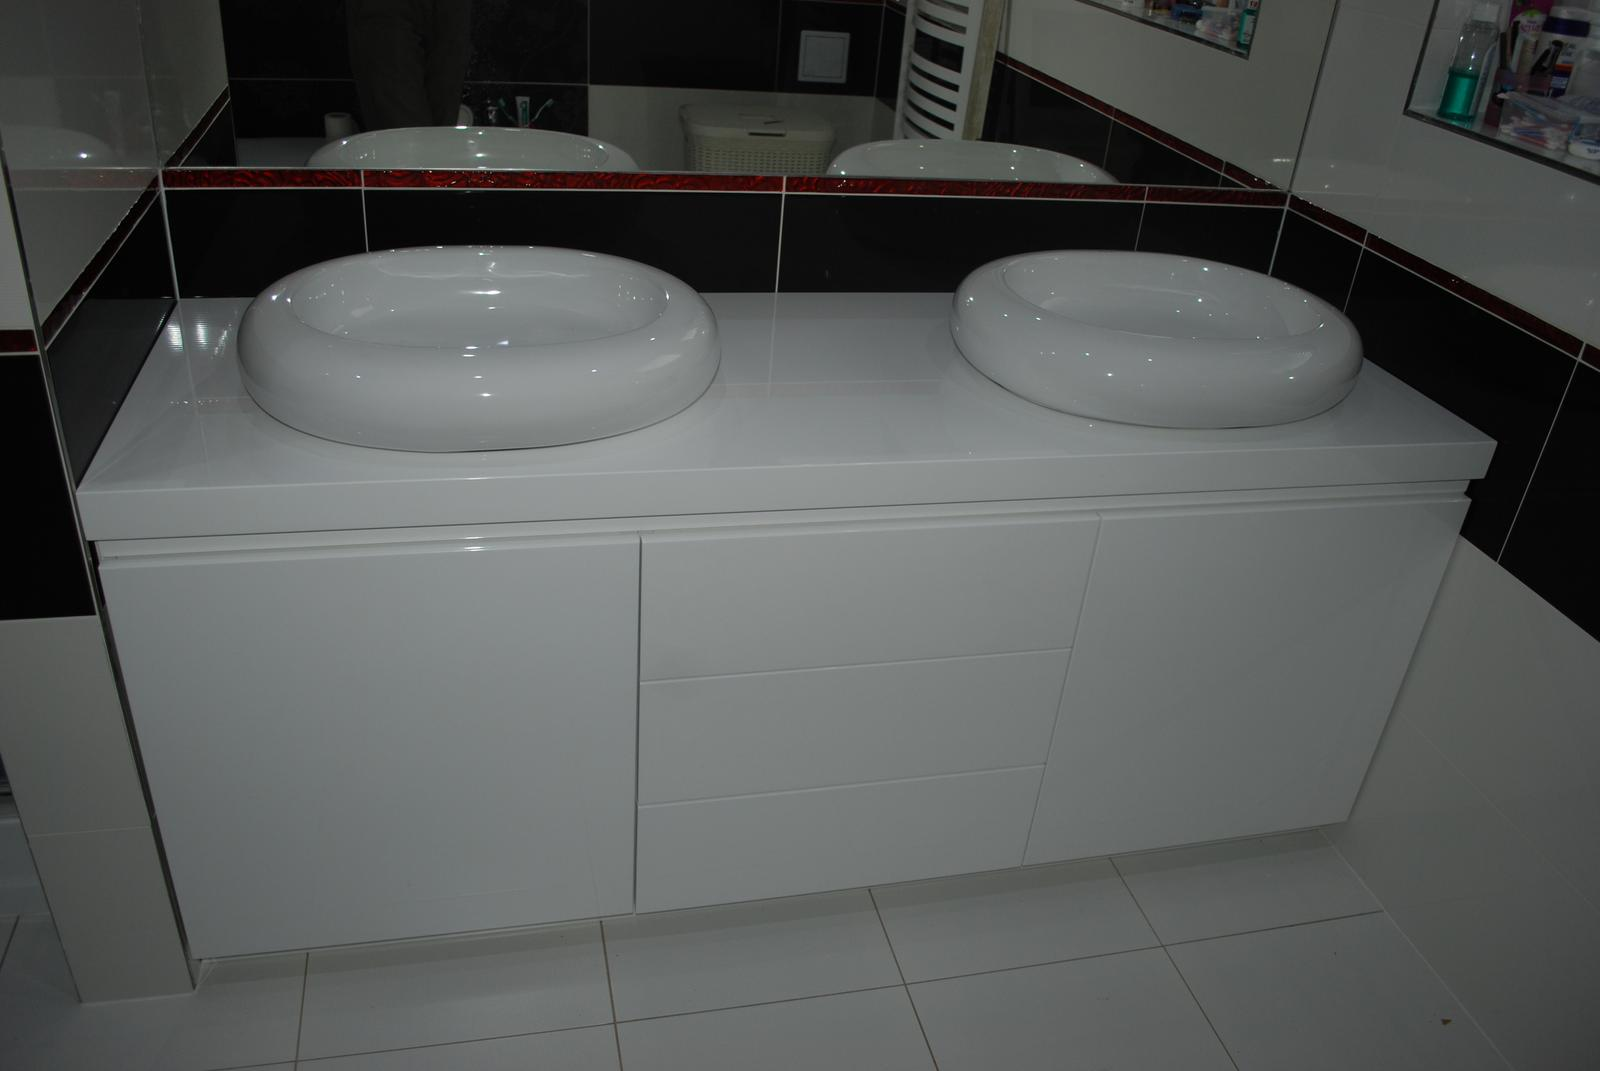 Nábytok do kúpelne na mieru - haly... - Obrázok č. 127